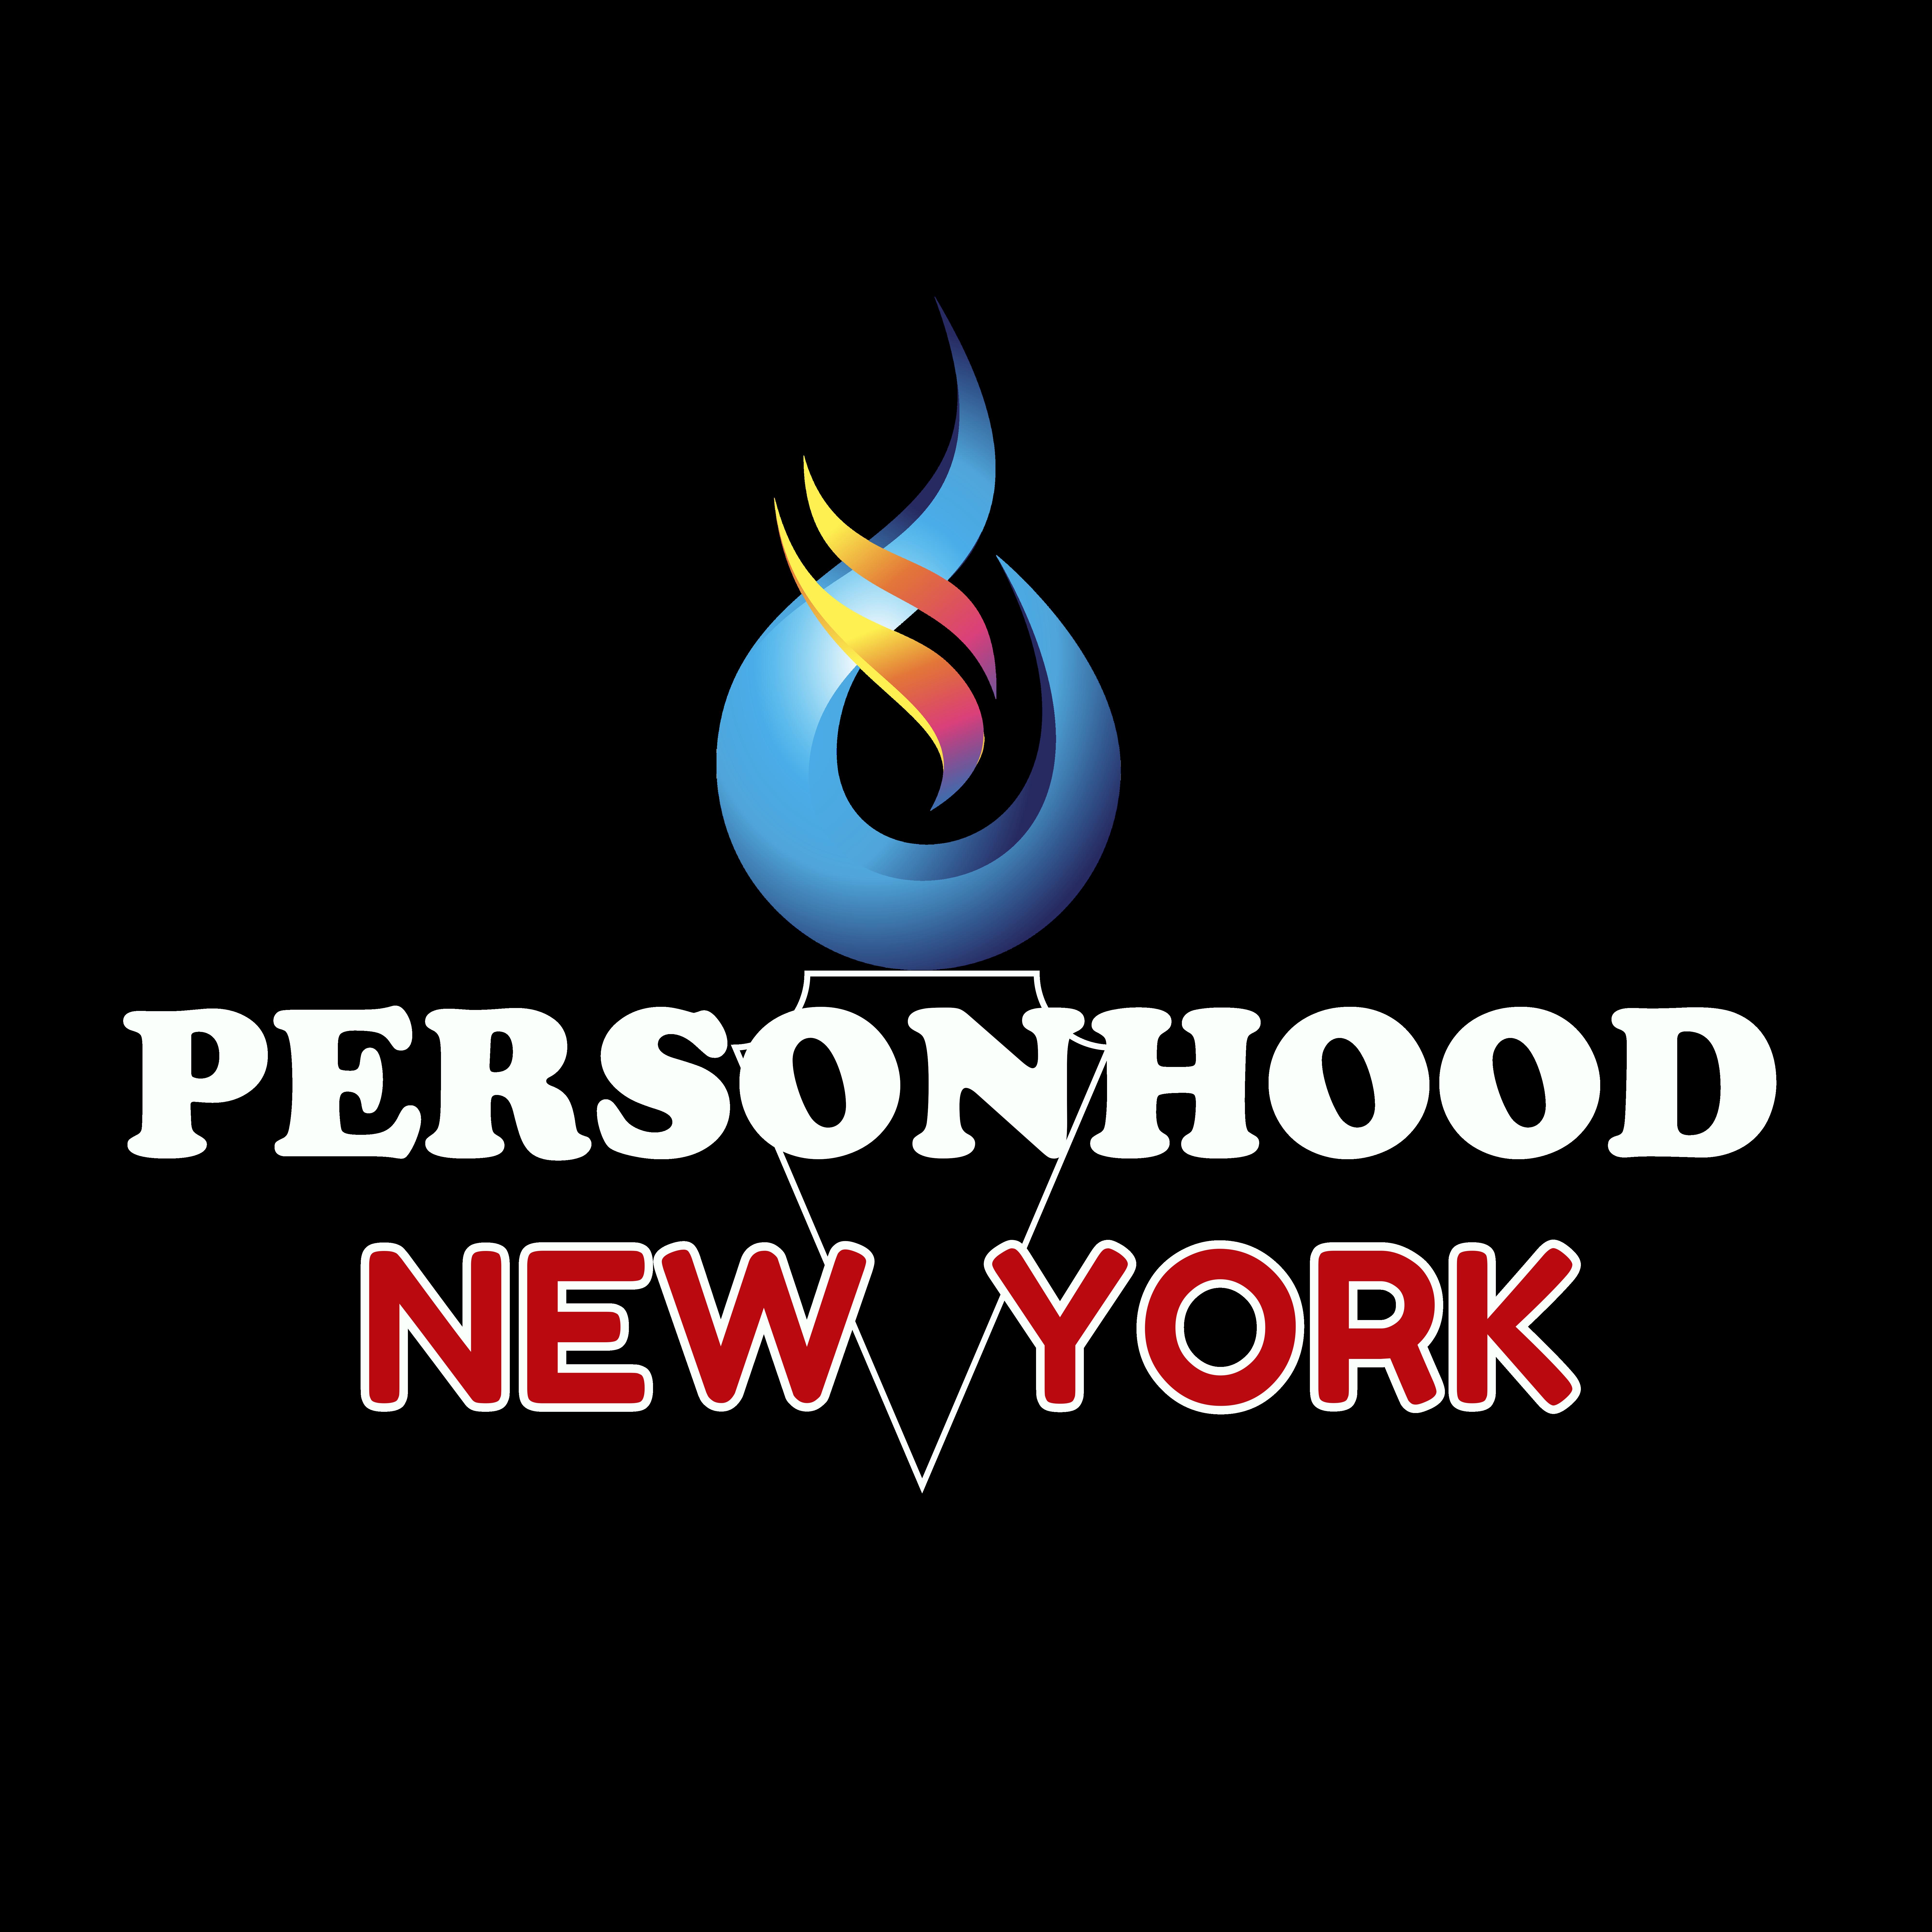 Personhood NY